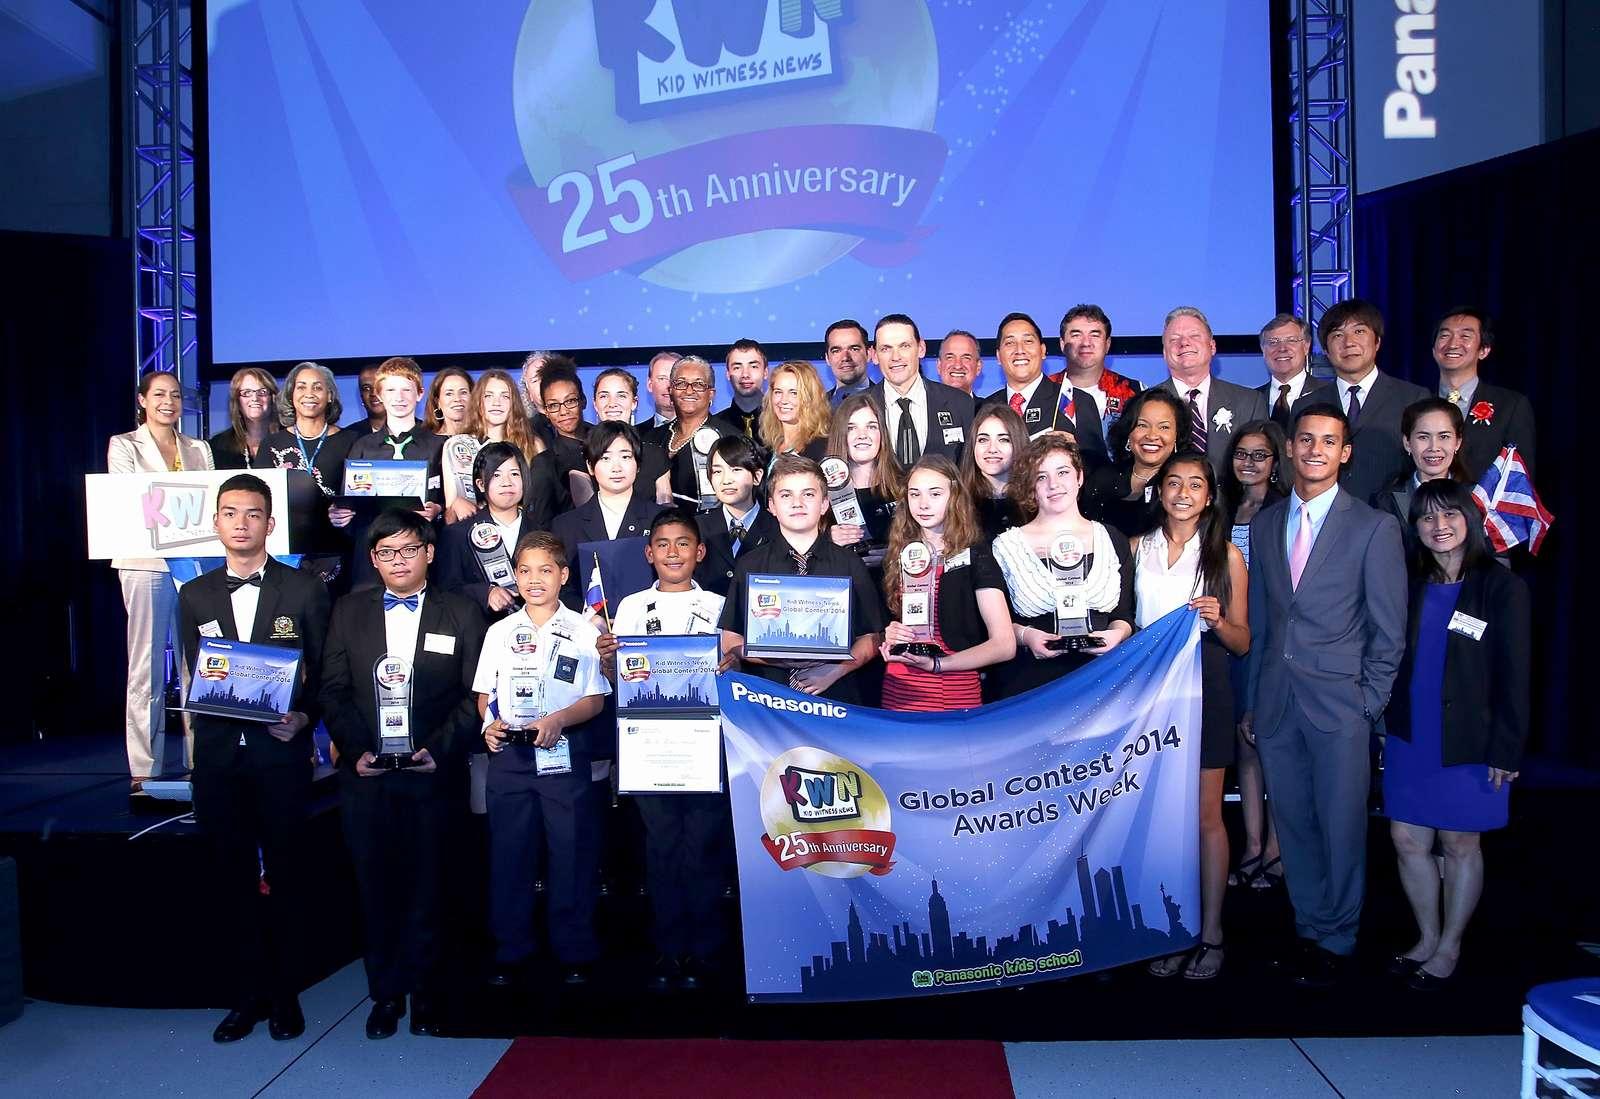 「パナソニックKWNグローバルコンテスト2014」25周年の表彰式をKWN発祥の地アメリカで開催